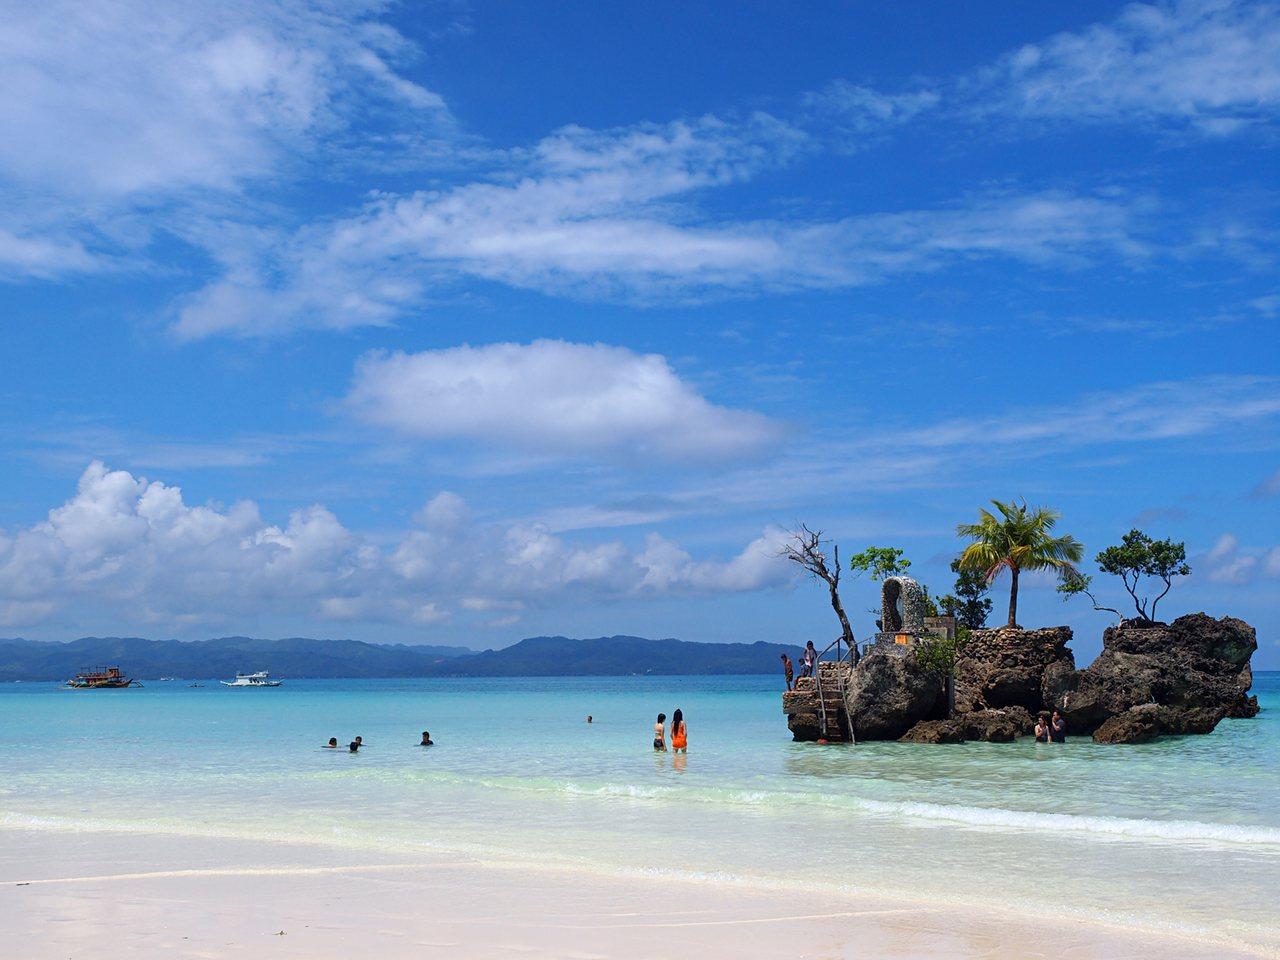 長灘島沙灘細緻,還可見到著名的聖母礁岩。圖/品冠旅遊提供